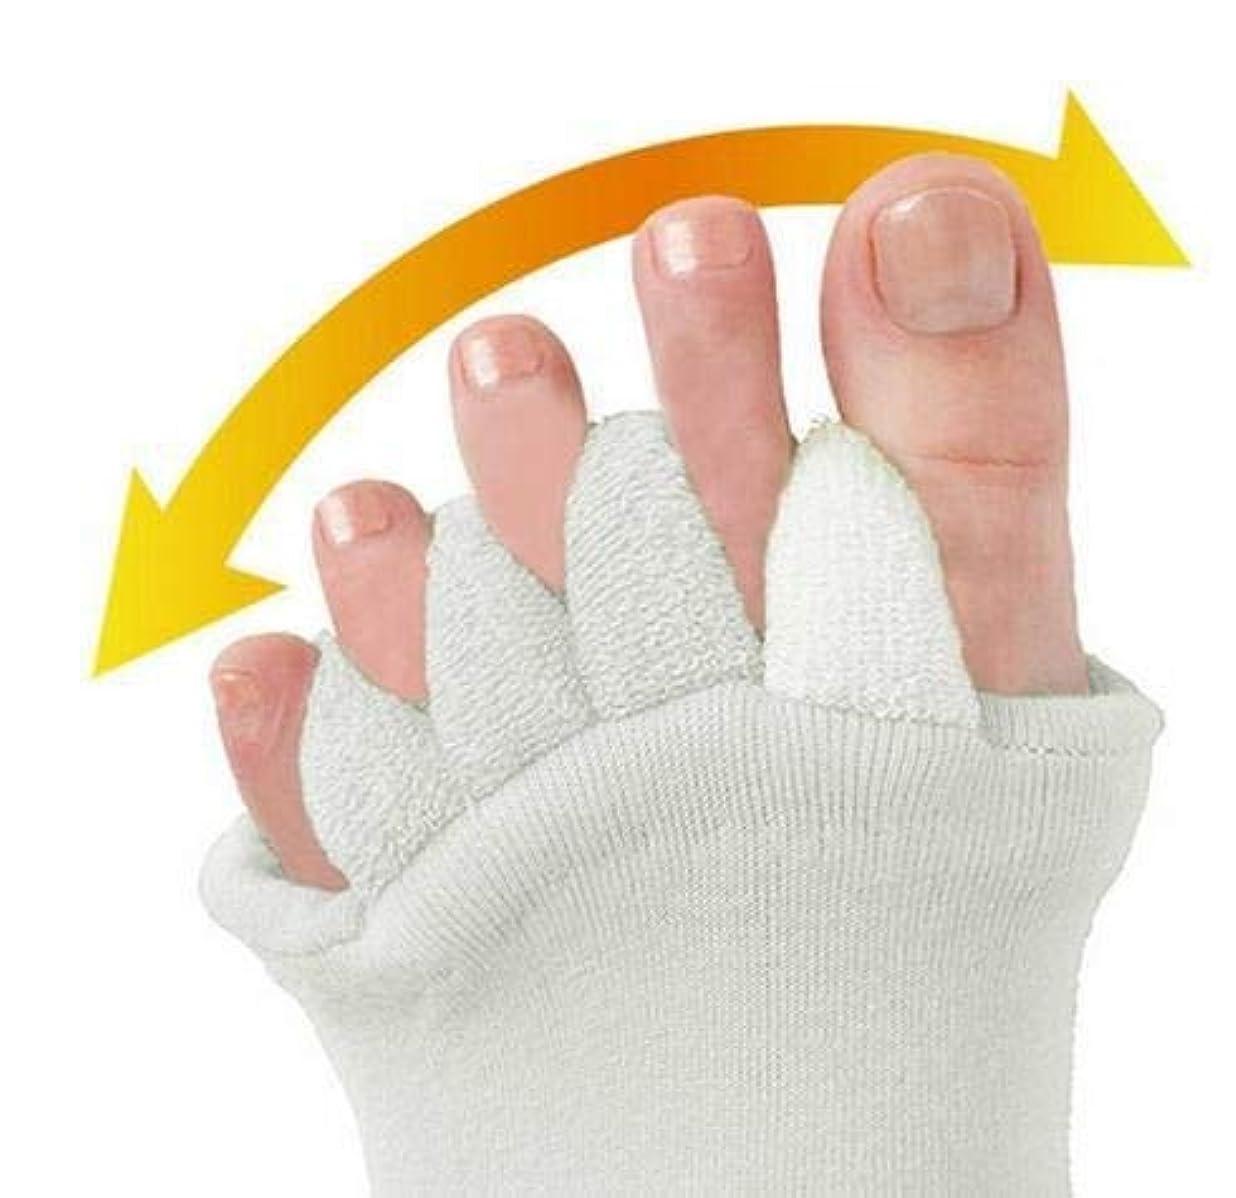 近くアクティブ間に合わせつま先セパレーターヨガスポーツ5つま先セパレーターソックスアライメント痛み健康マッサージソックス、防止足のけいれん、1ペア